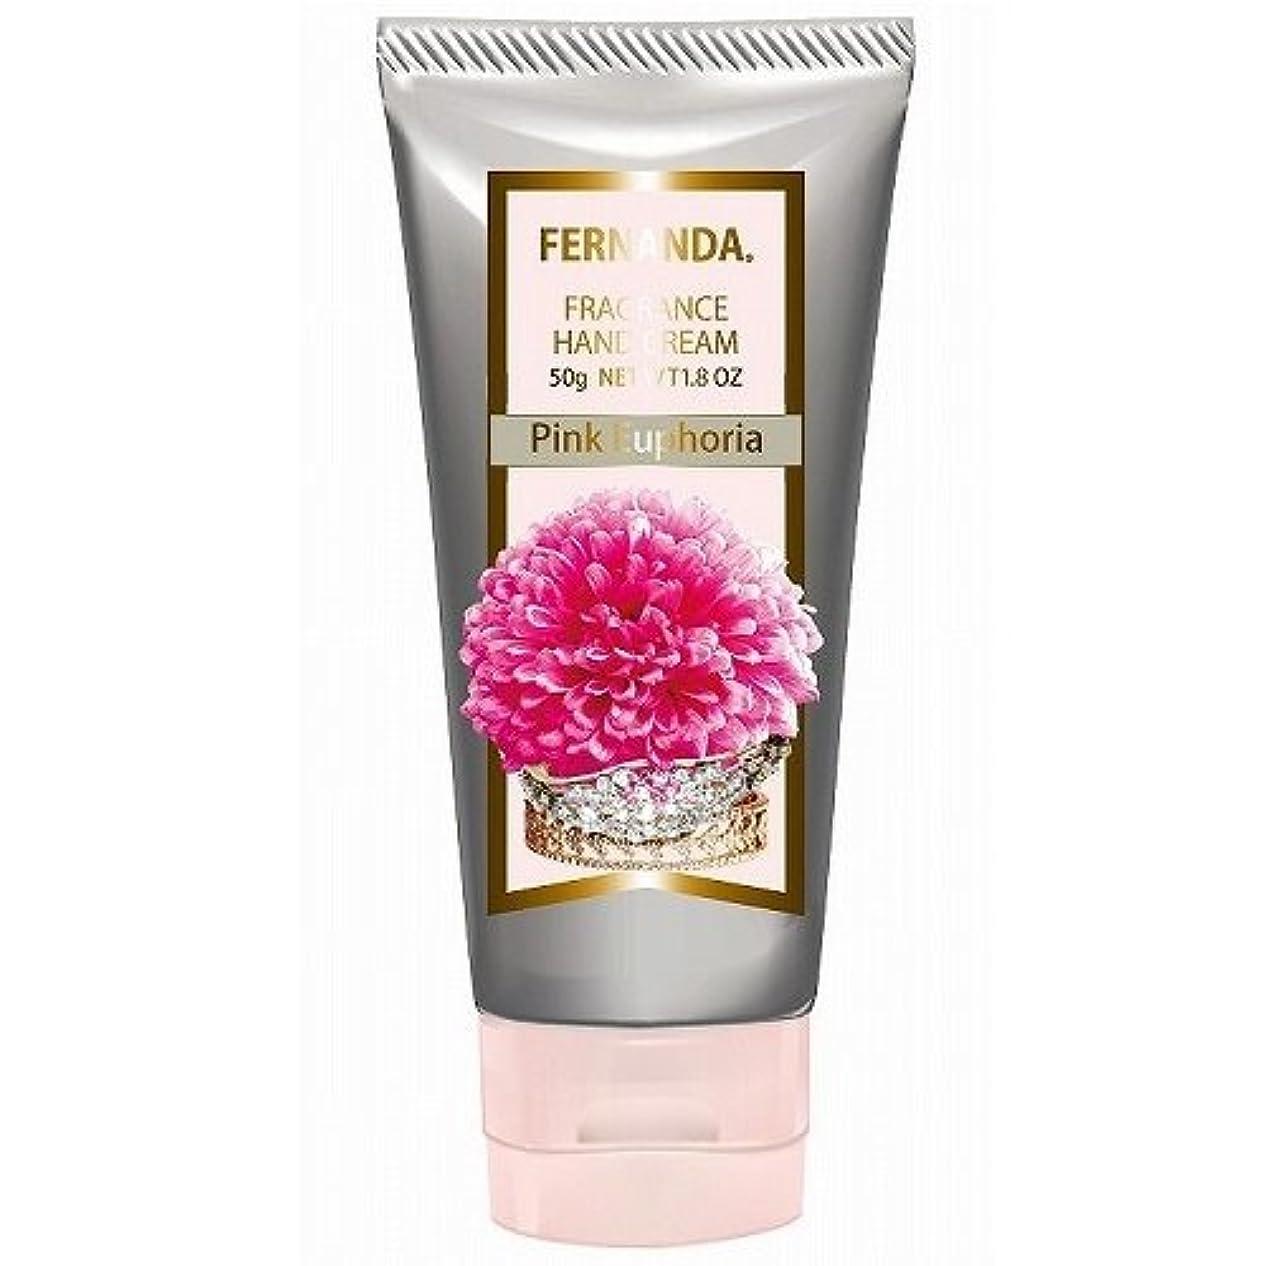 支援する有効化前任者FERNANDA(フェルナンダ) Hand Cream Pink Euphoria (ハンドクリーム ピンクエウフォリア)